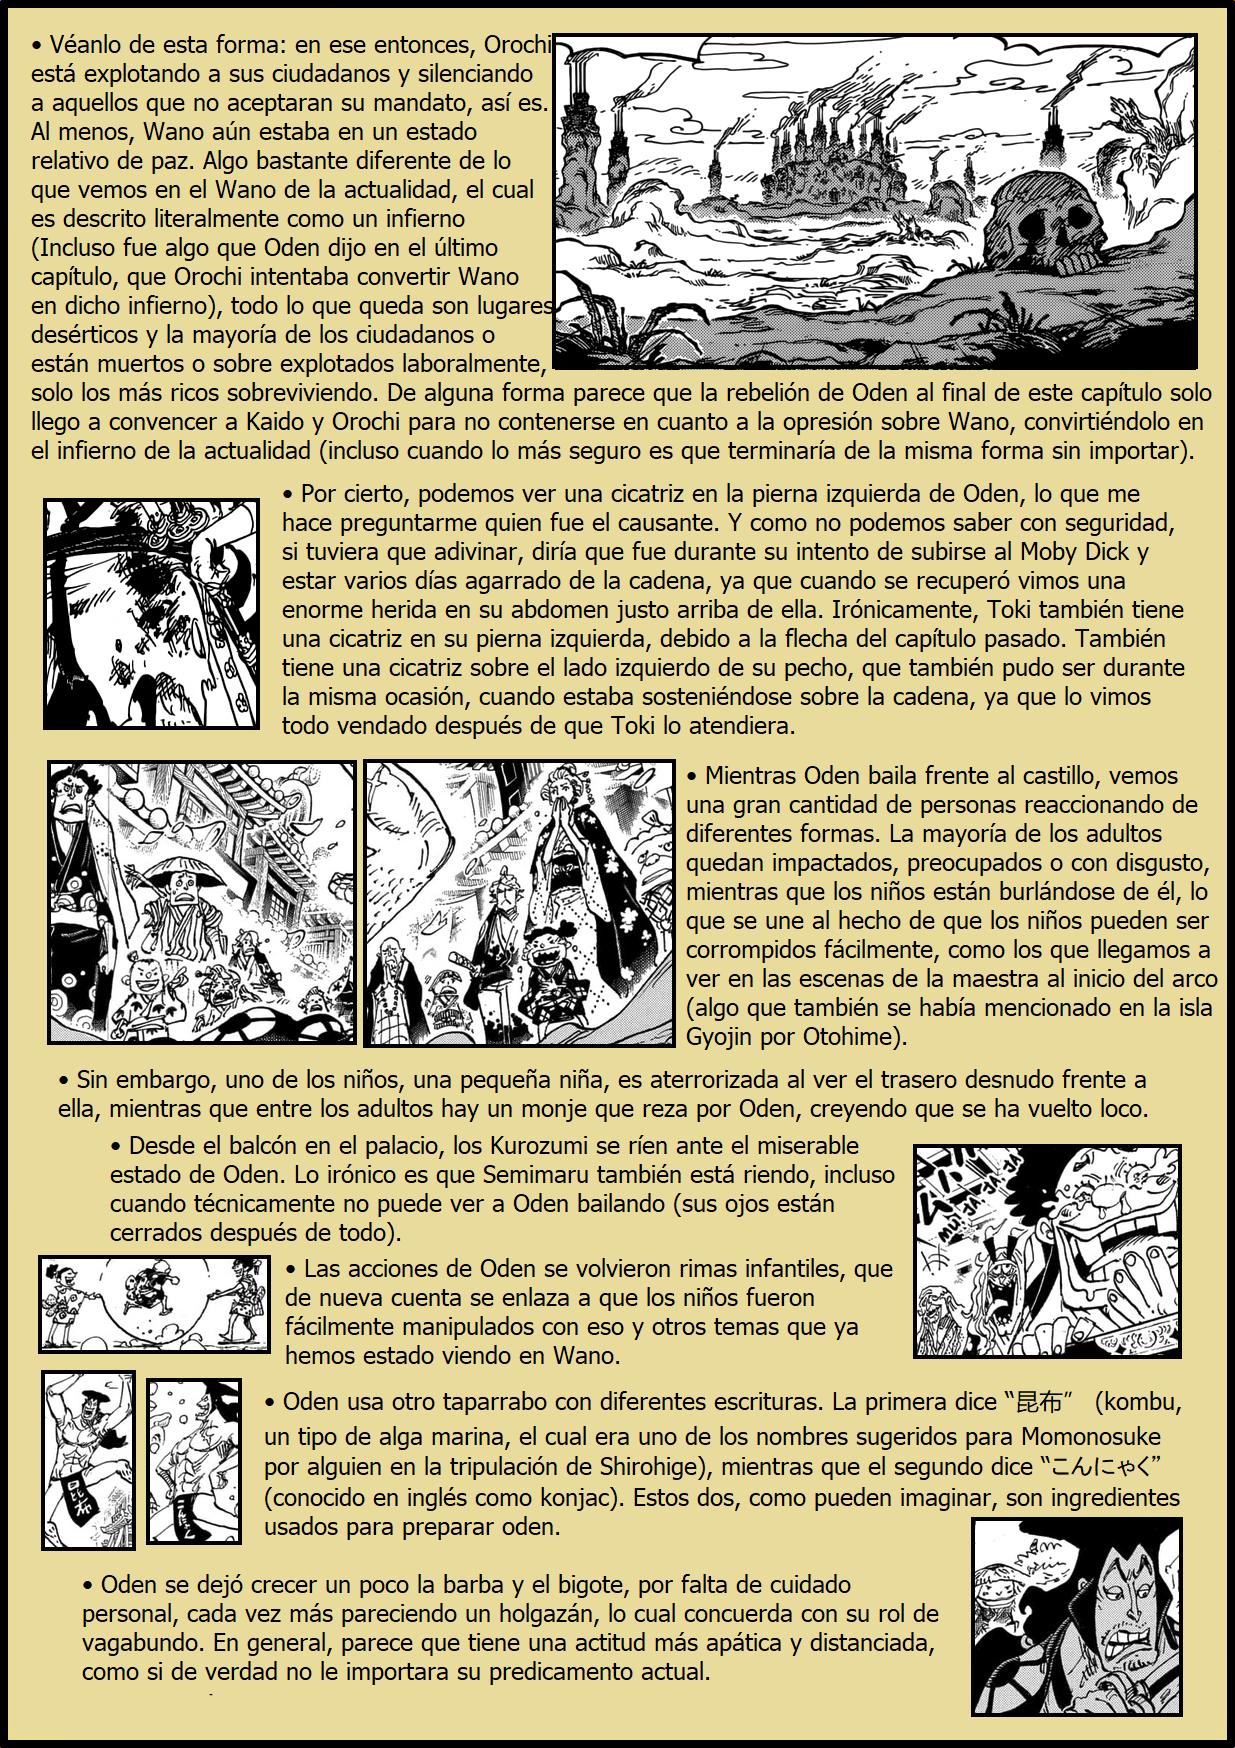 Secretos & Curiosidades - One Piece Manga 969 06